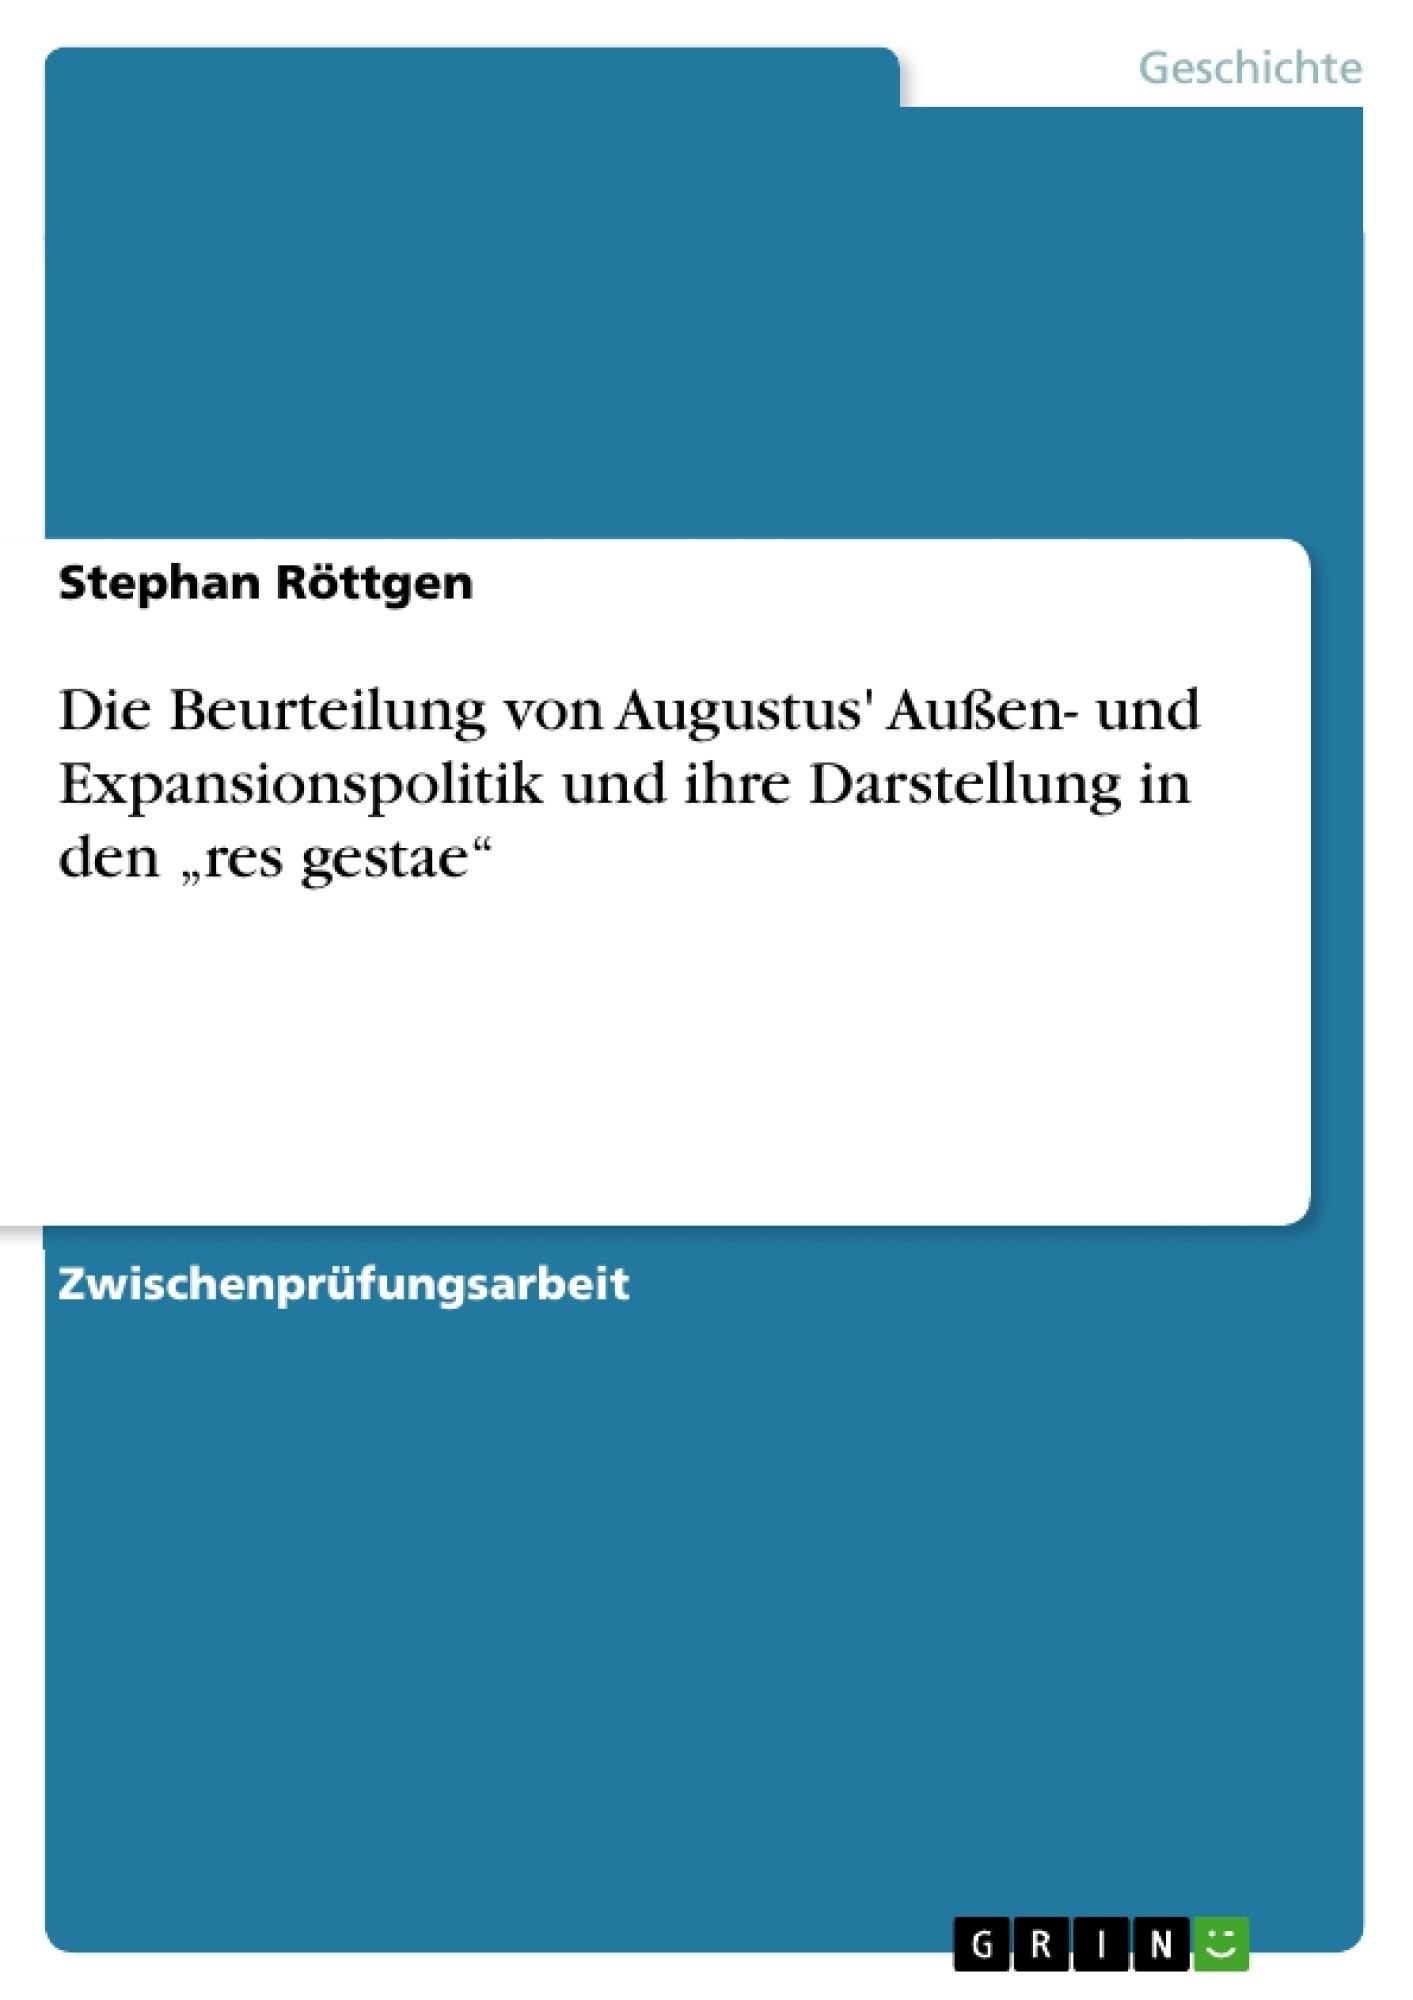 """Titel: Die Beurteilung von Augustus' Außen- und Expansionspolitik und ihre Darstellung in den """"res gestae"""""""